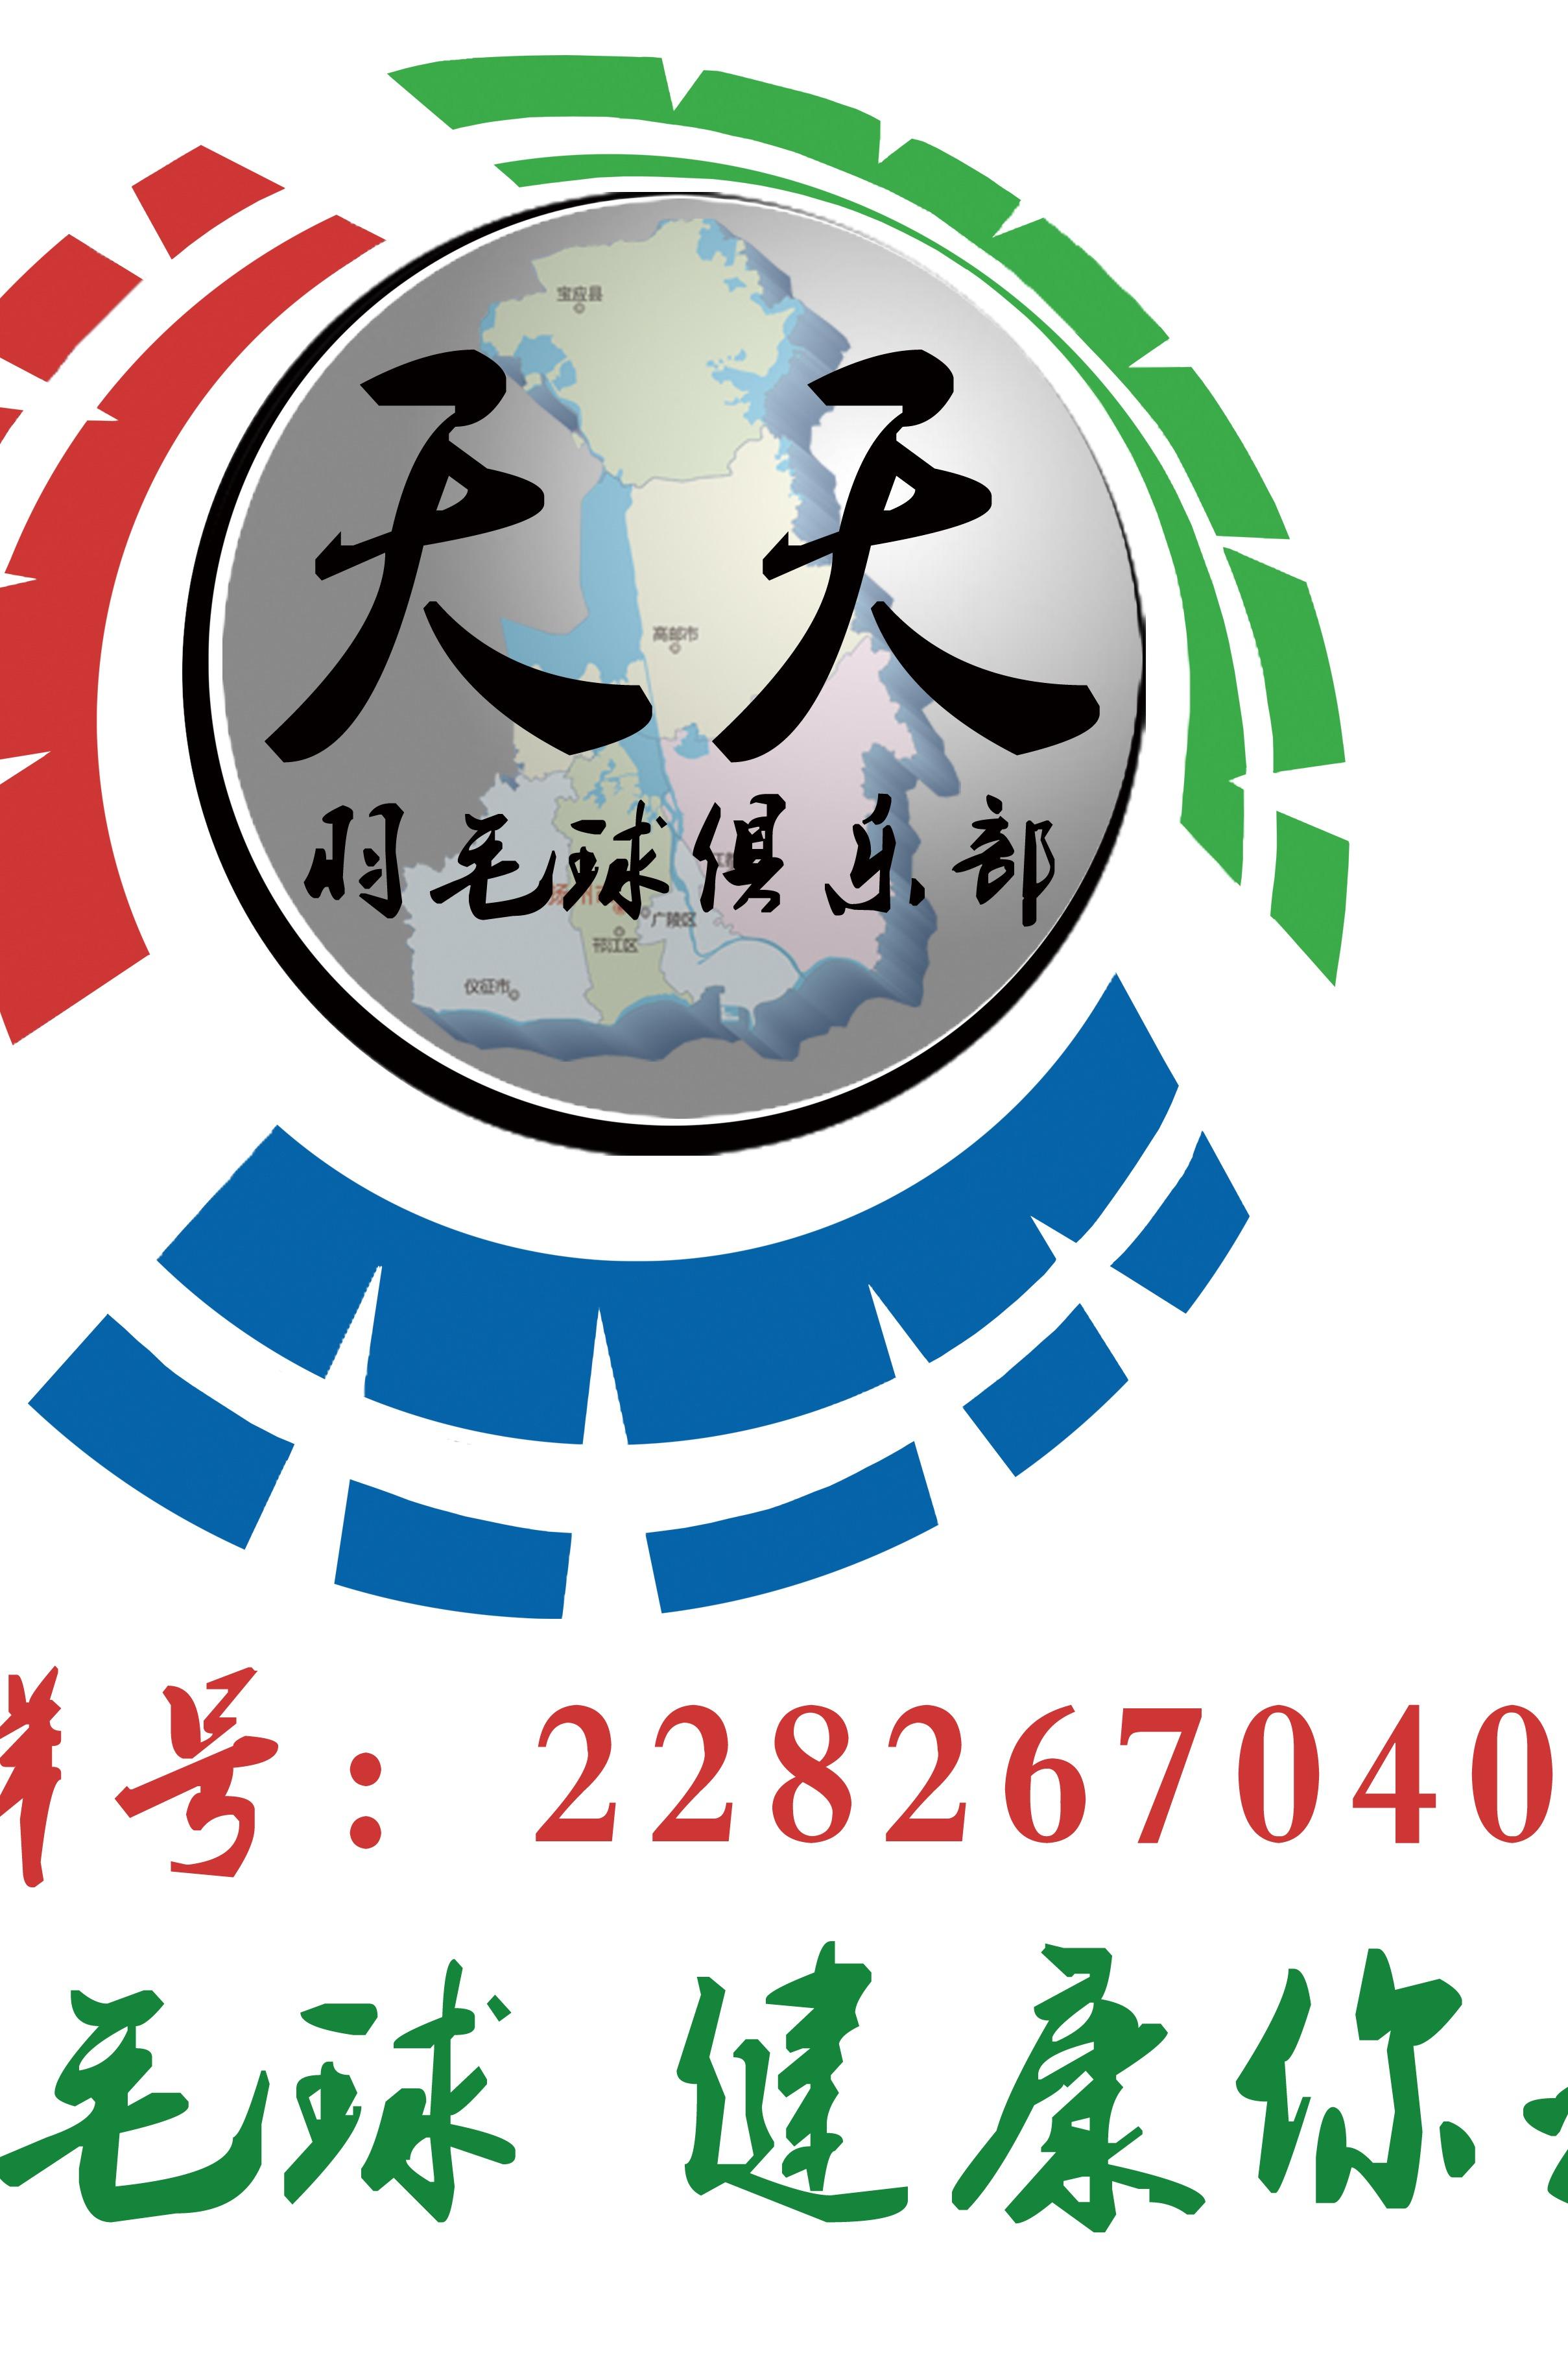 扬州天天羽毛球俱乐部年终庆典免费打球活动